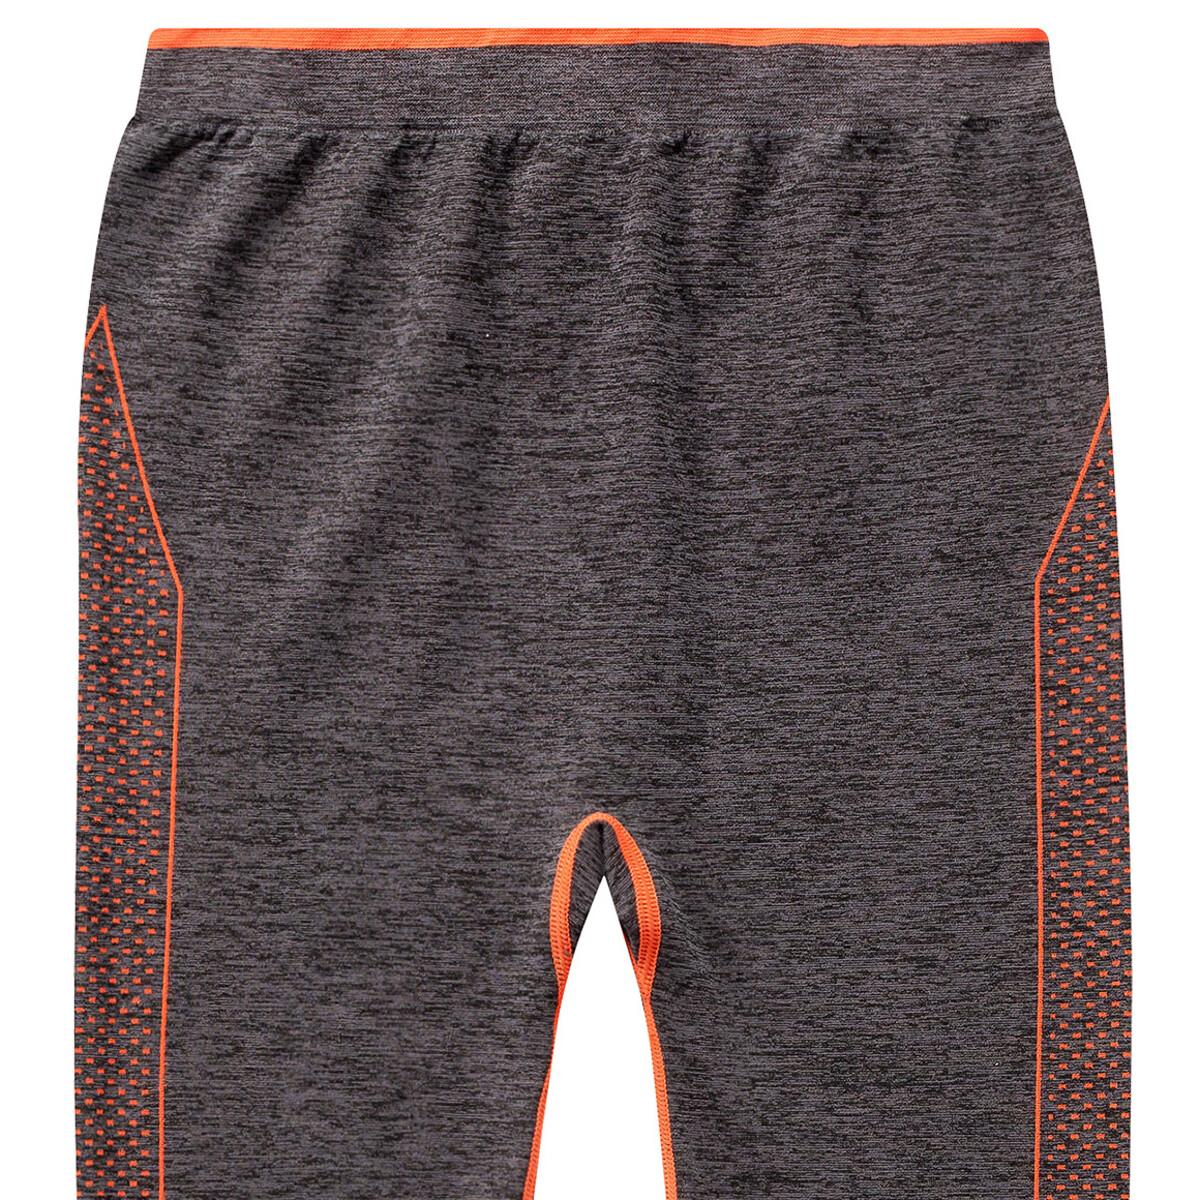 Bild 2 von Jungen Sport-Unterhose aus Seamless-Qualität